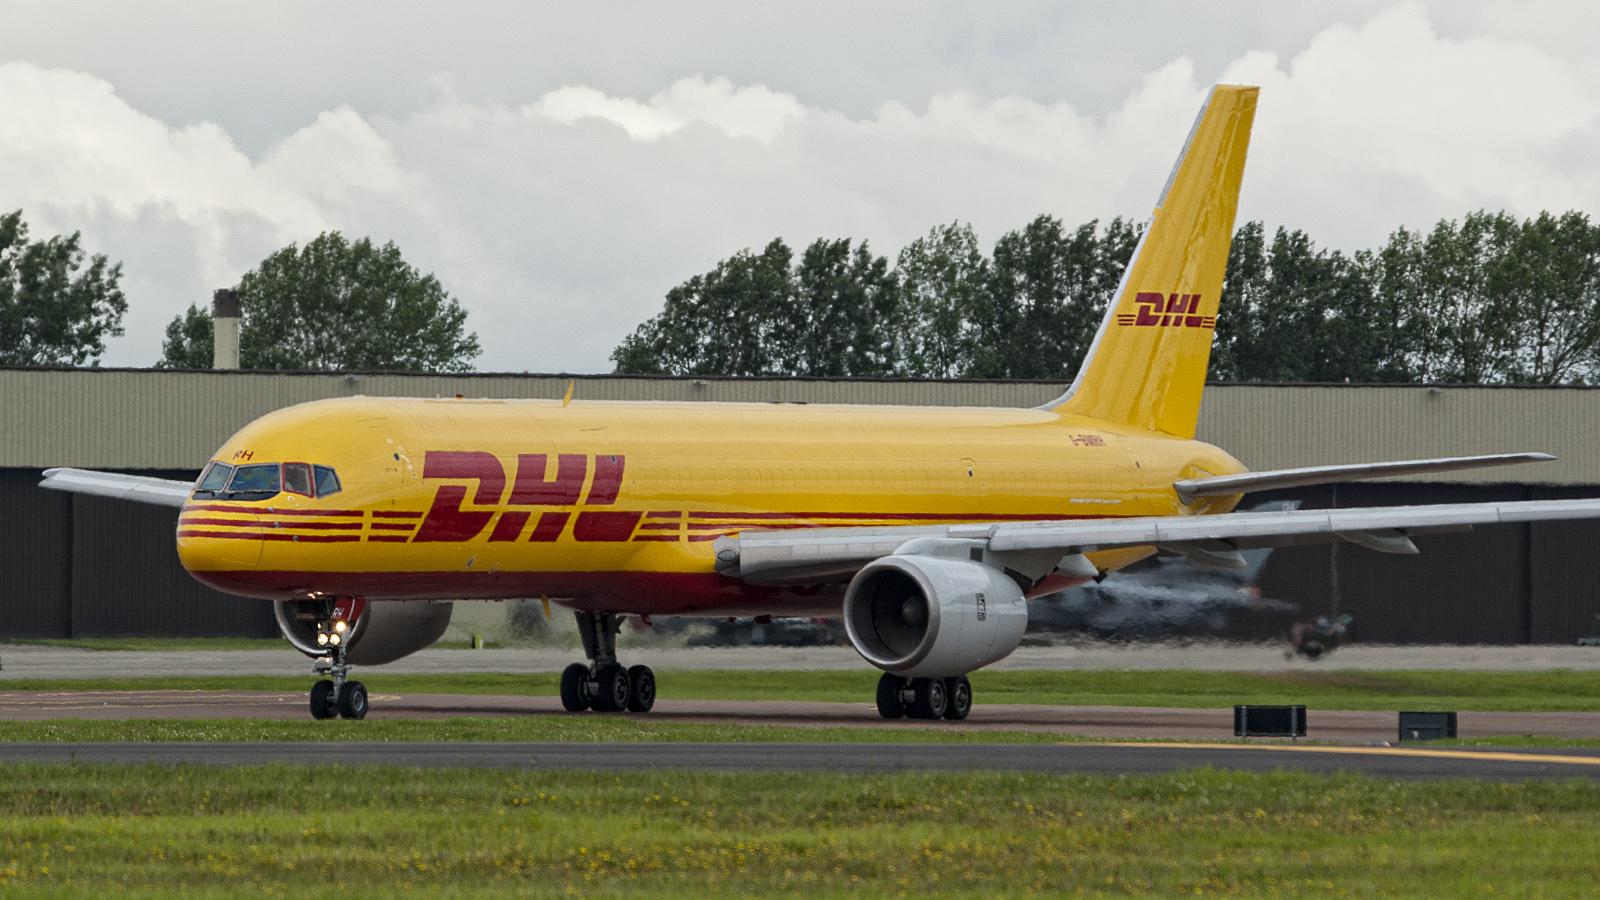 IMGP7099-Boeing-757-236-SF-G-BMRH-DHL.jp